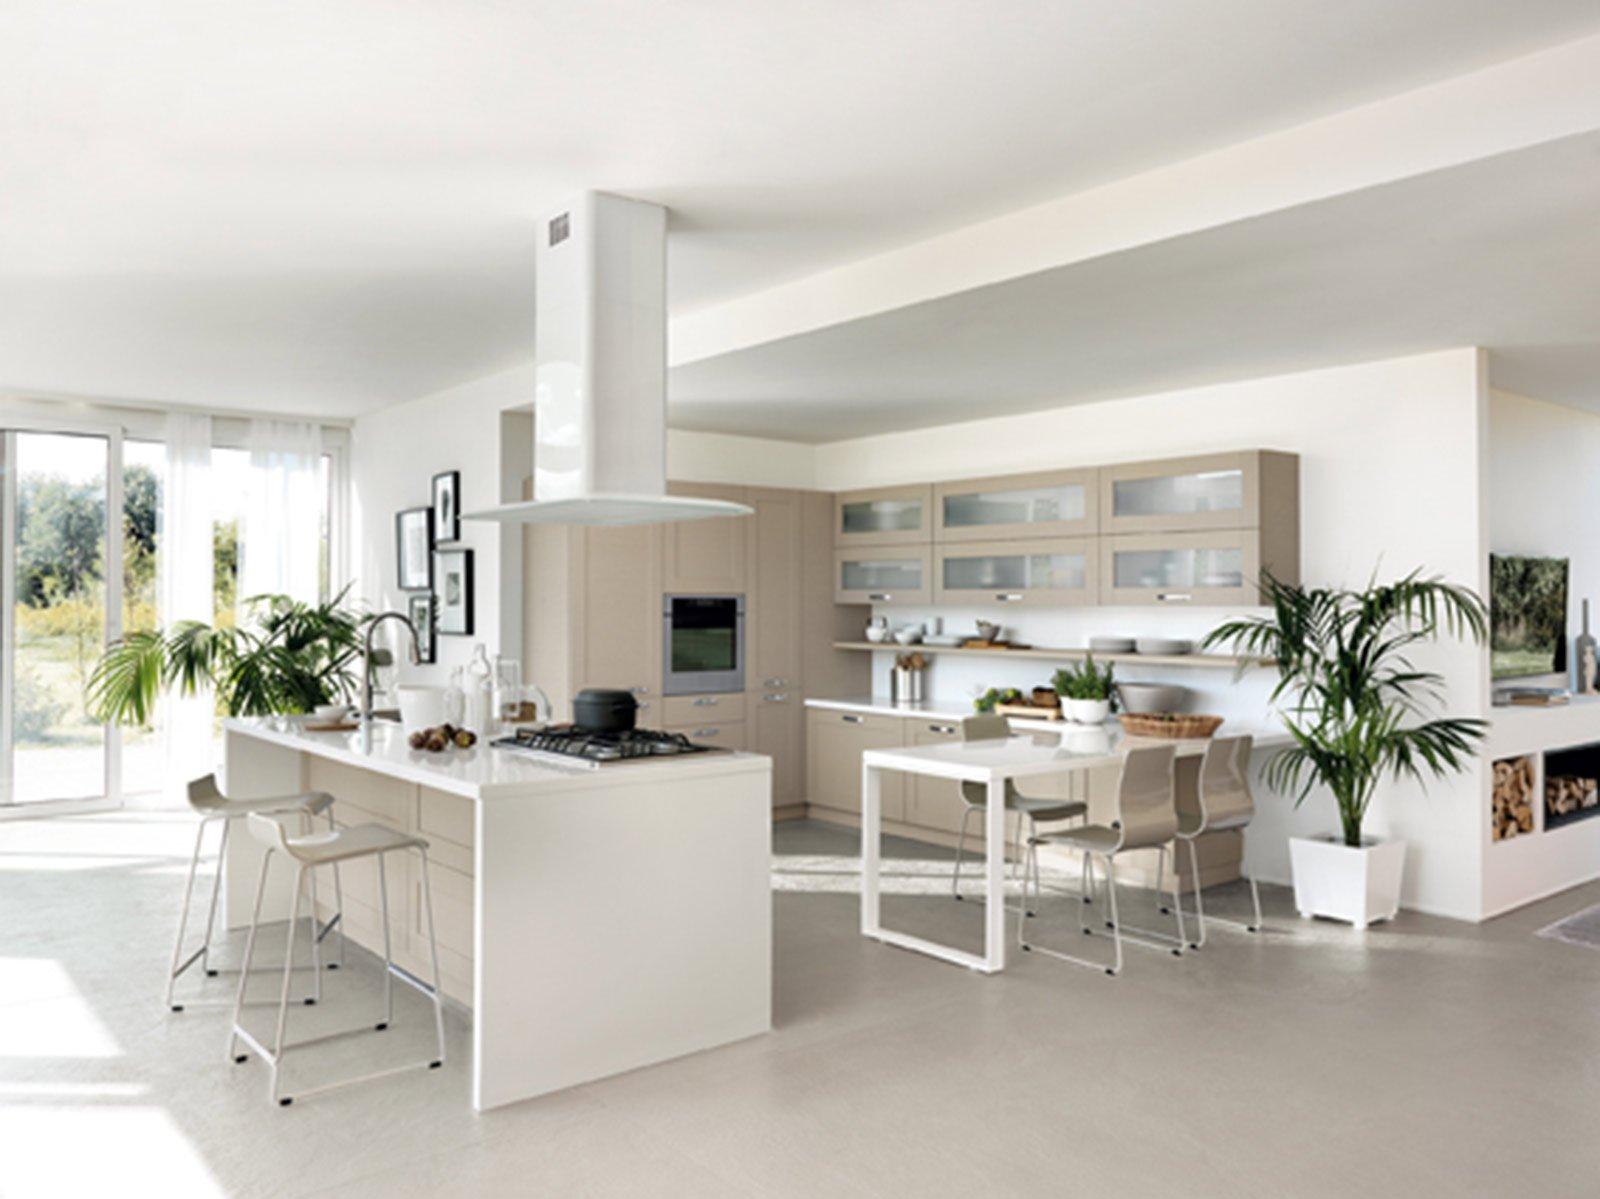 Cucina libert compositiva cose di casa for Cucine con piano cottura centrale